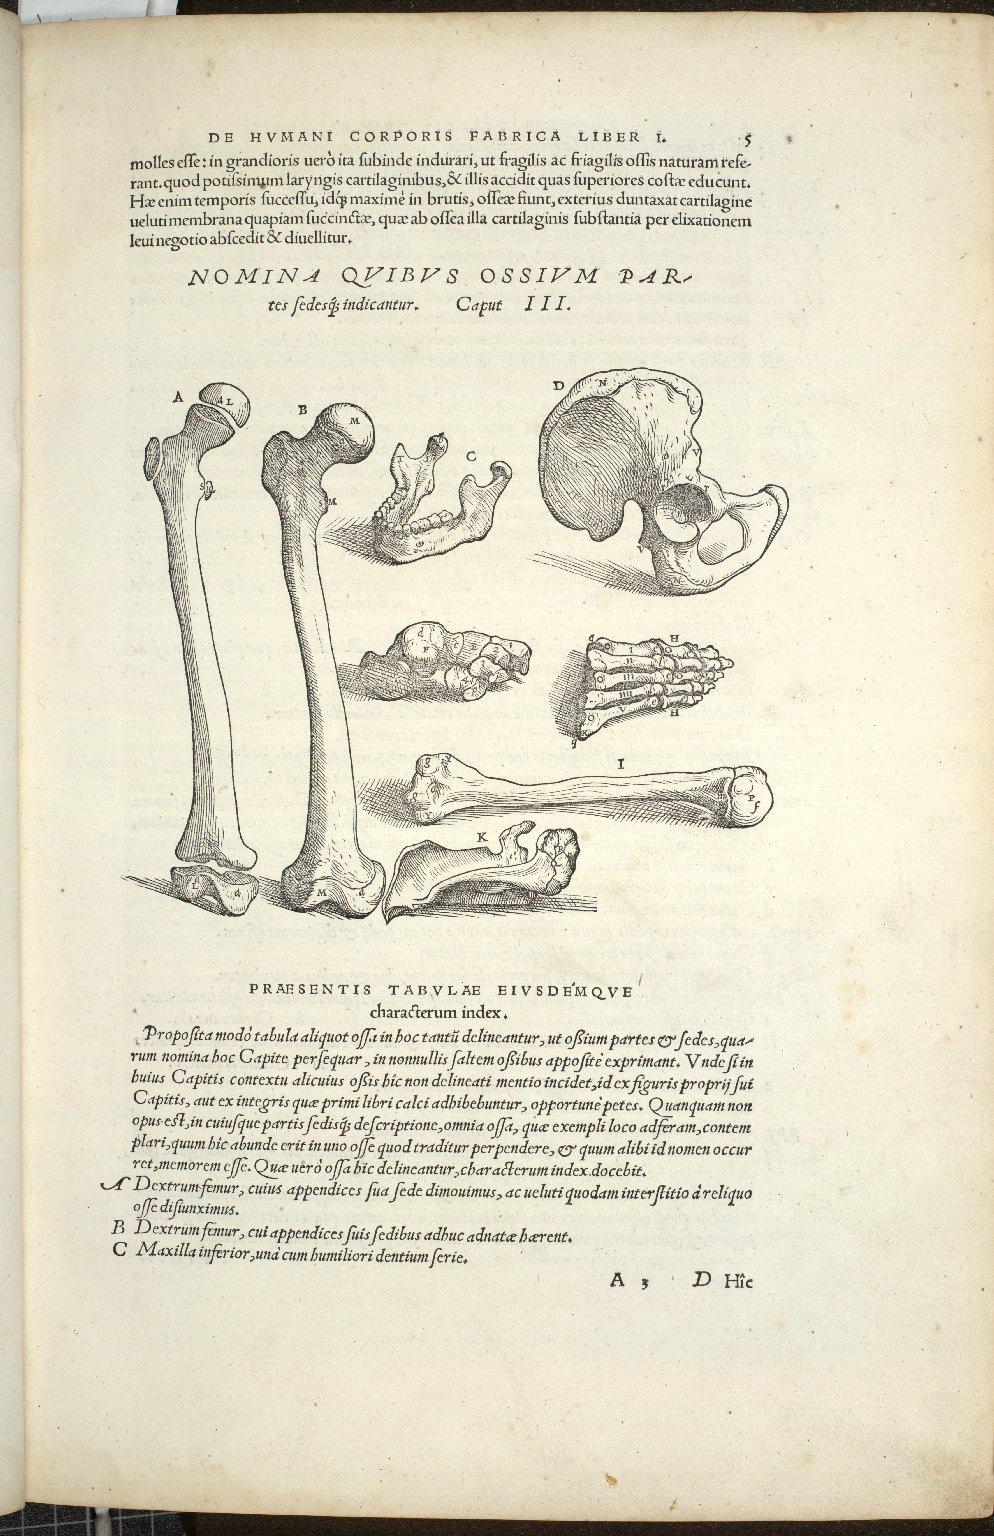 Nomina Quibus Ossium Partes sedesq; indicatur. Caput III.